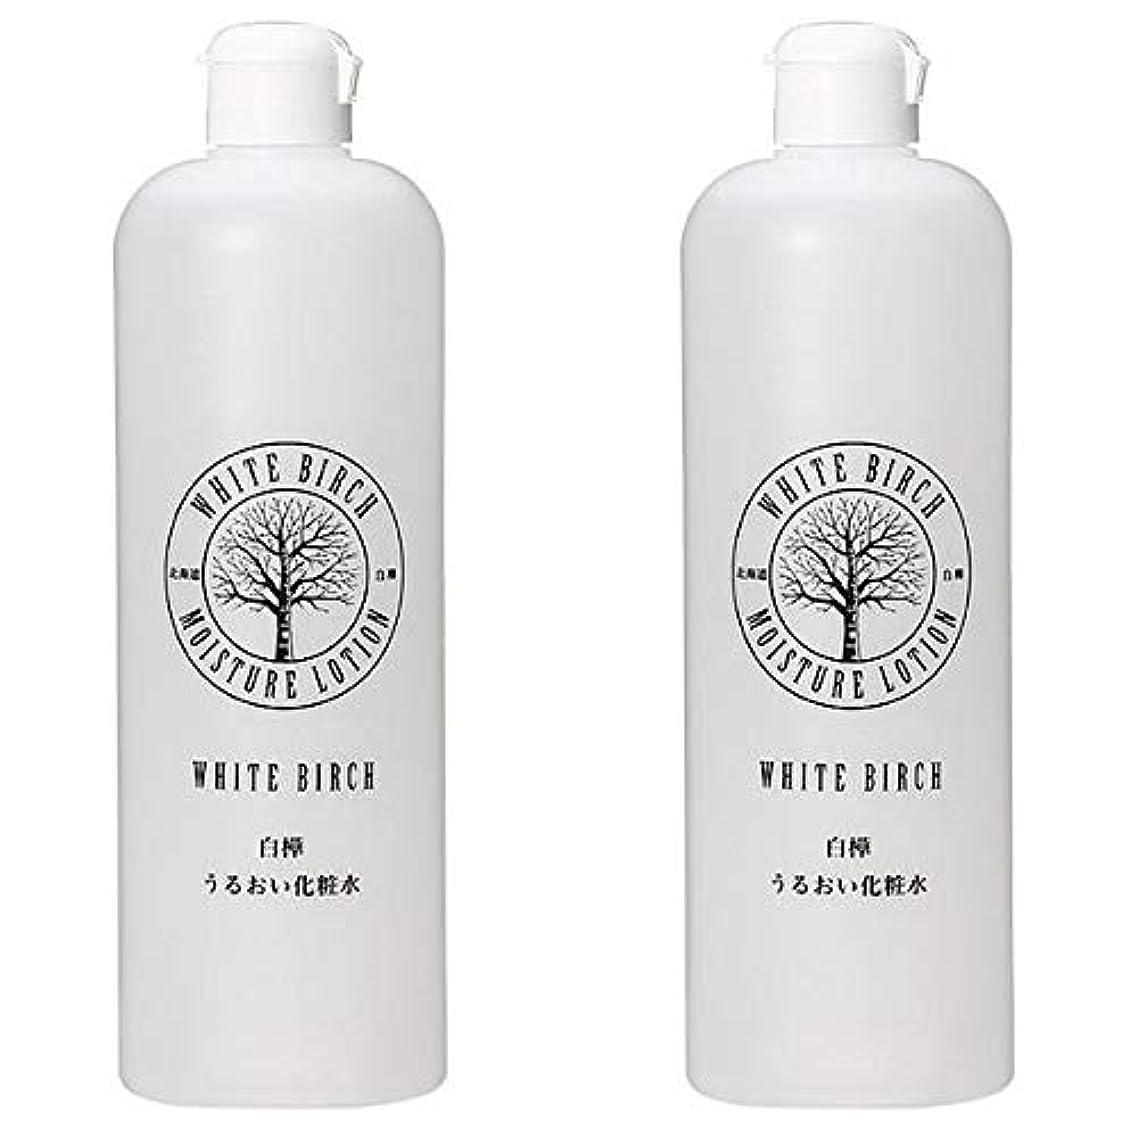 再生可能にんじん発見北海道アンソロポロジー 白樺うるおい化粧水 500mL 【2個セット】